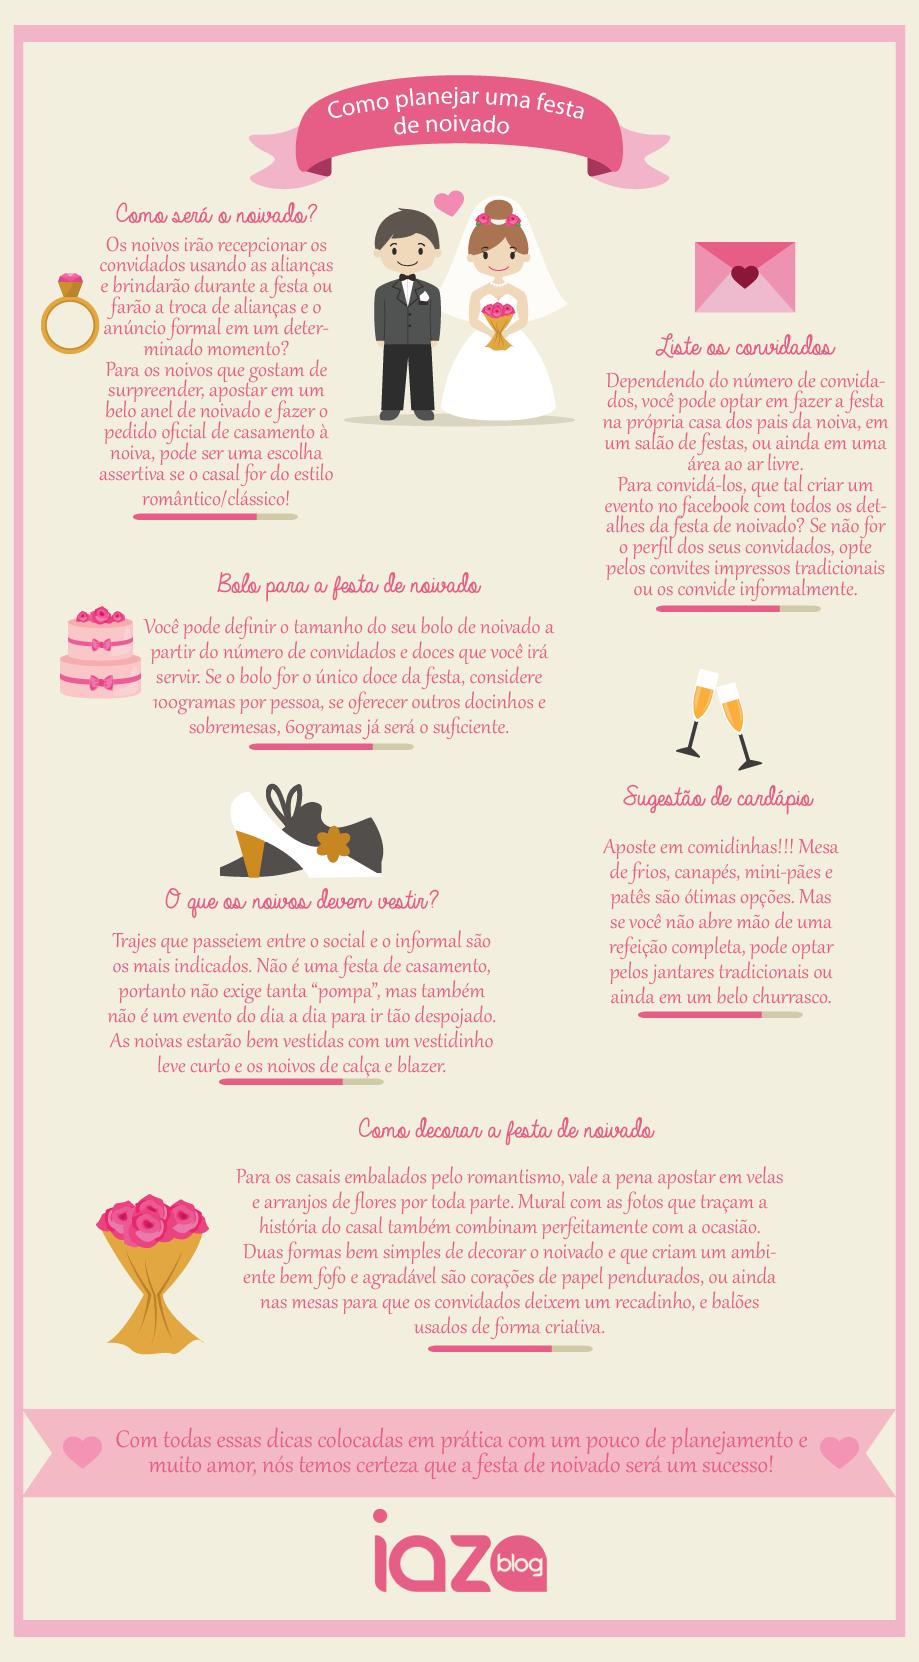 Como planejar uma festa de noivado